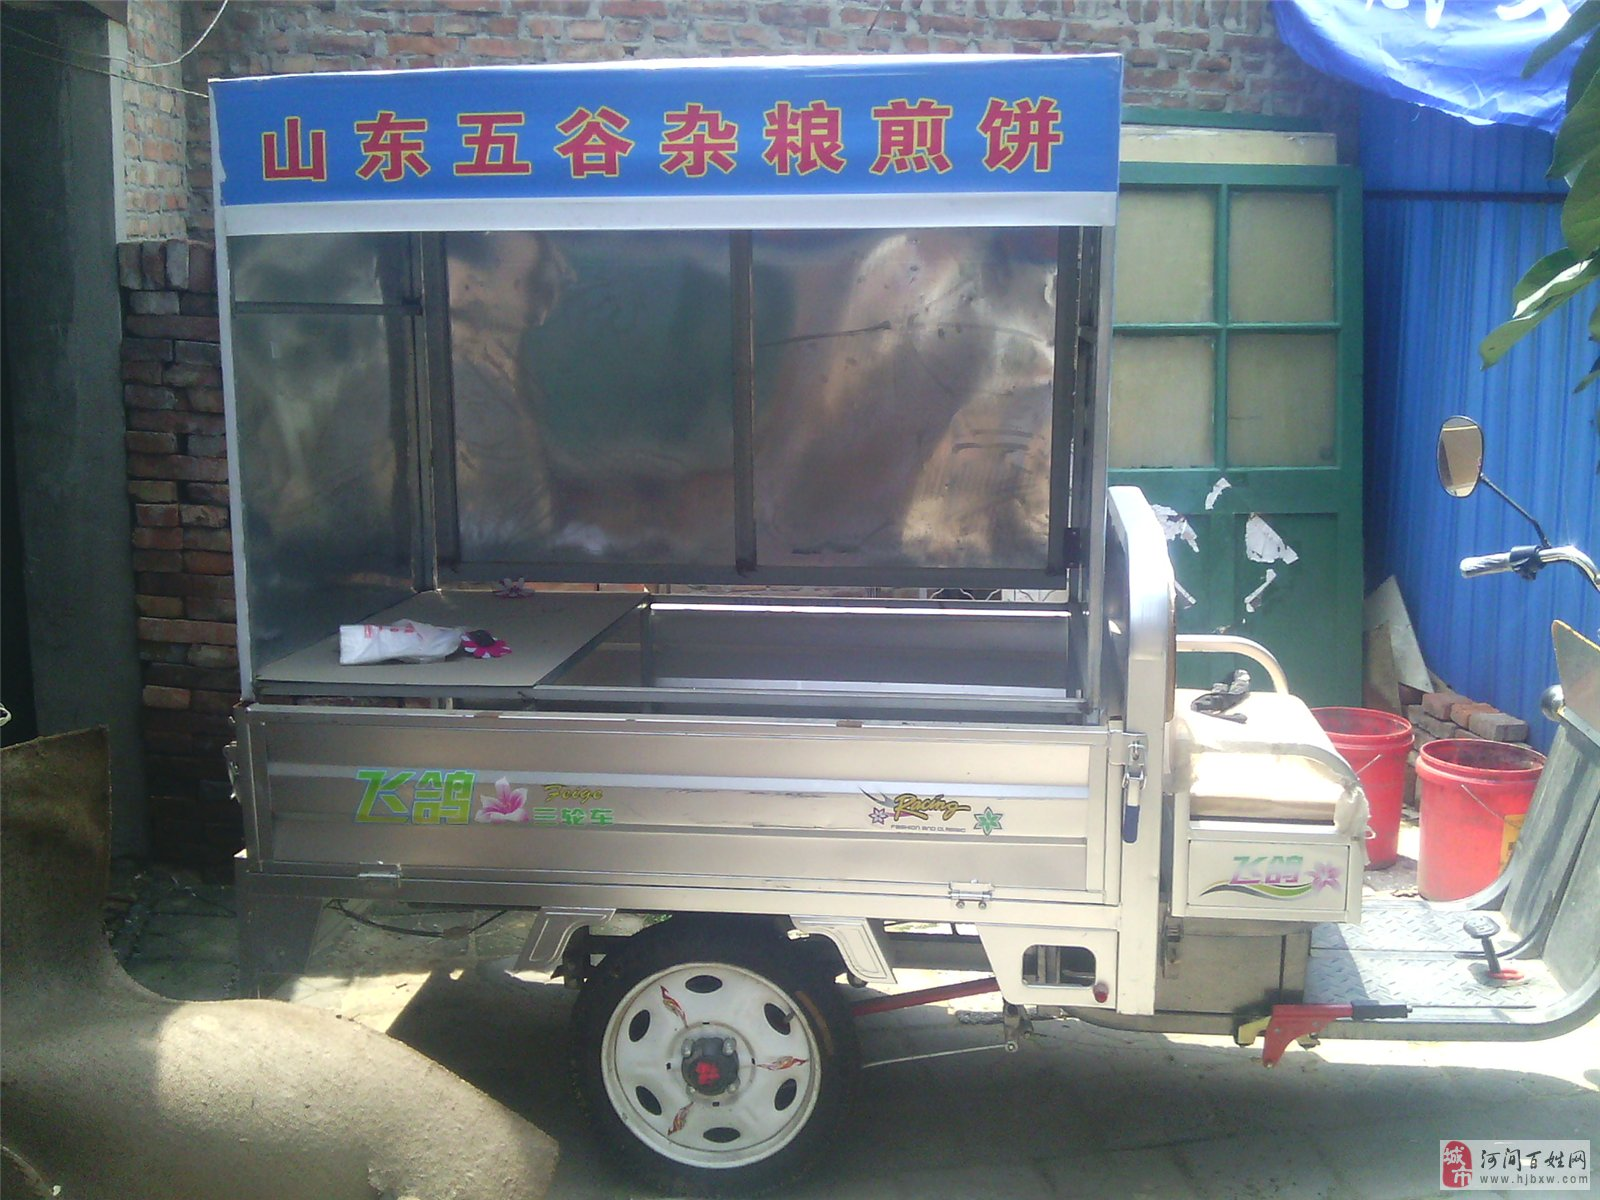 杂粮煎饼小吃车设计图     用户回答1: 煎饼果子和五谷杂粮煎饼